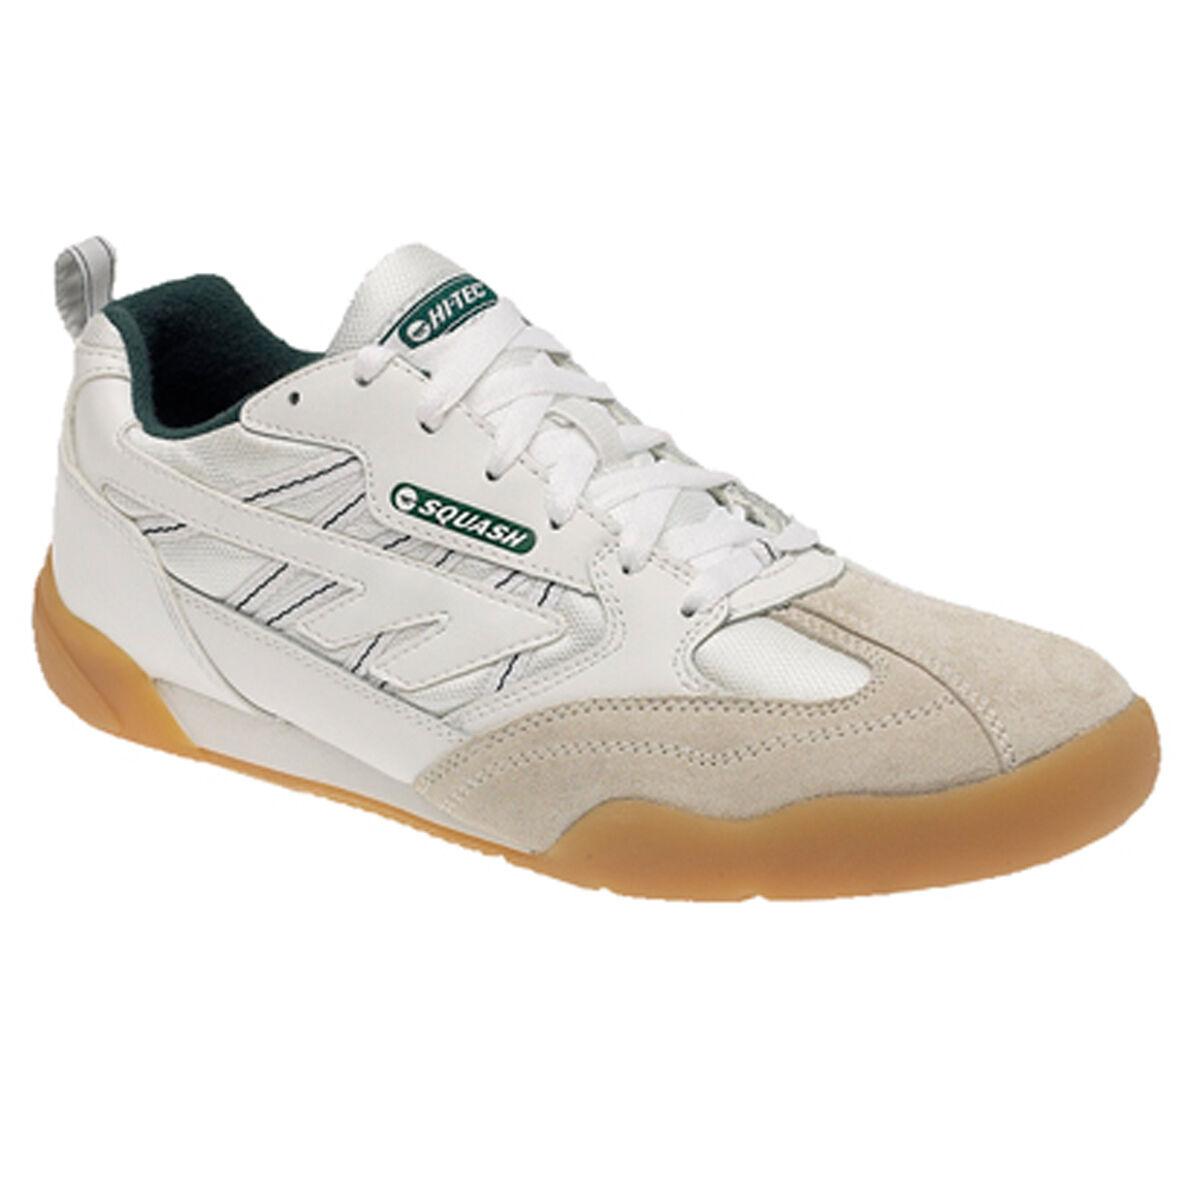 Uomo Hi-Tec Indoor Sport Squash Tennis Palestra Corsa con Lacci | Nuovo design  | Uomo/Donne Scarpa